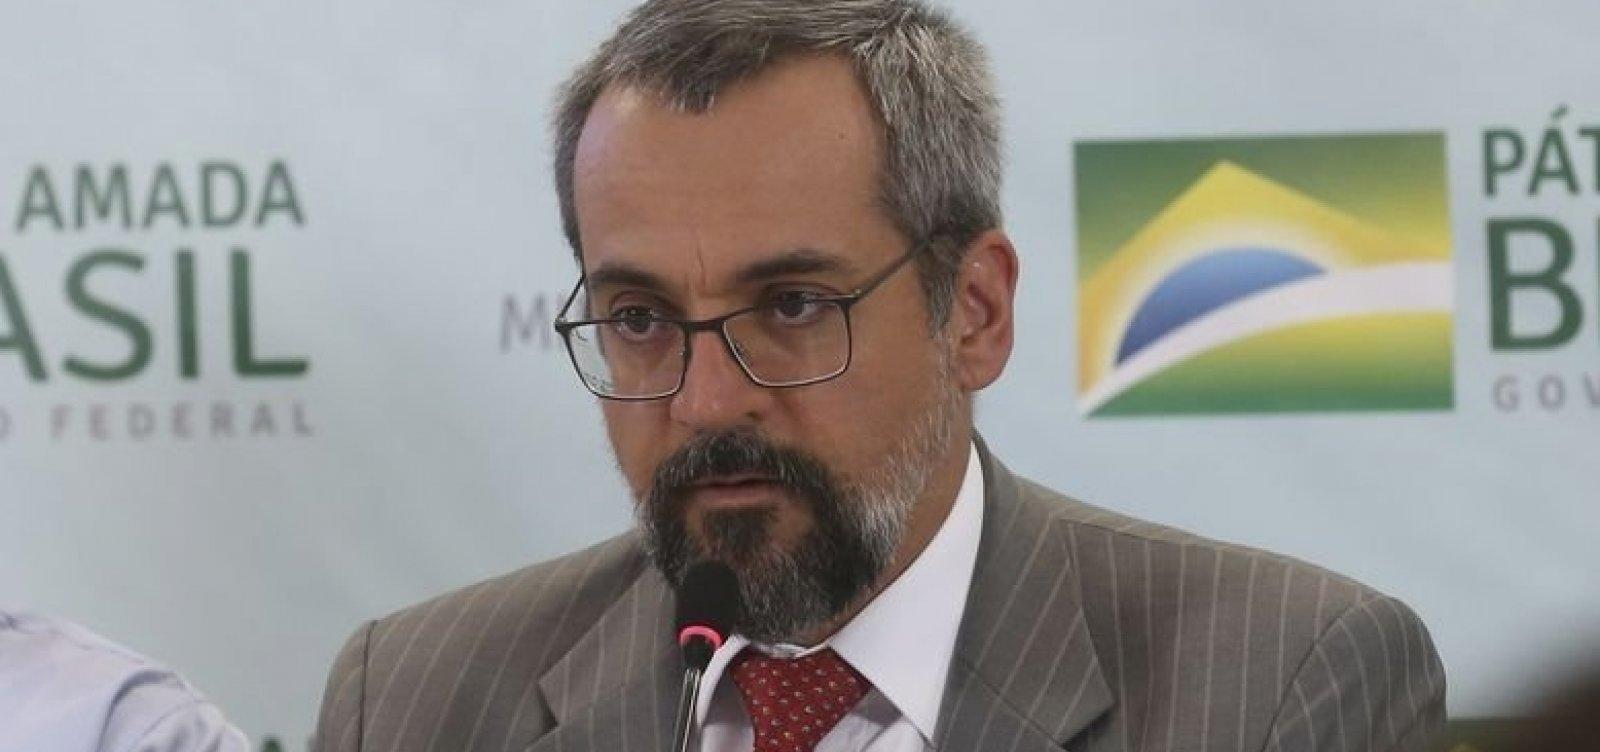 [Ministro da Educação ataca funcionários do PT que ganharam R$ 120 mi na Mega-Sena]